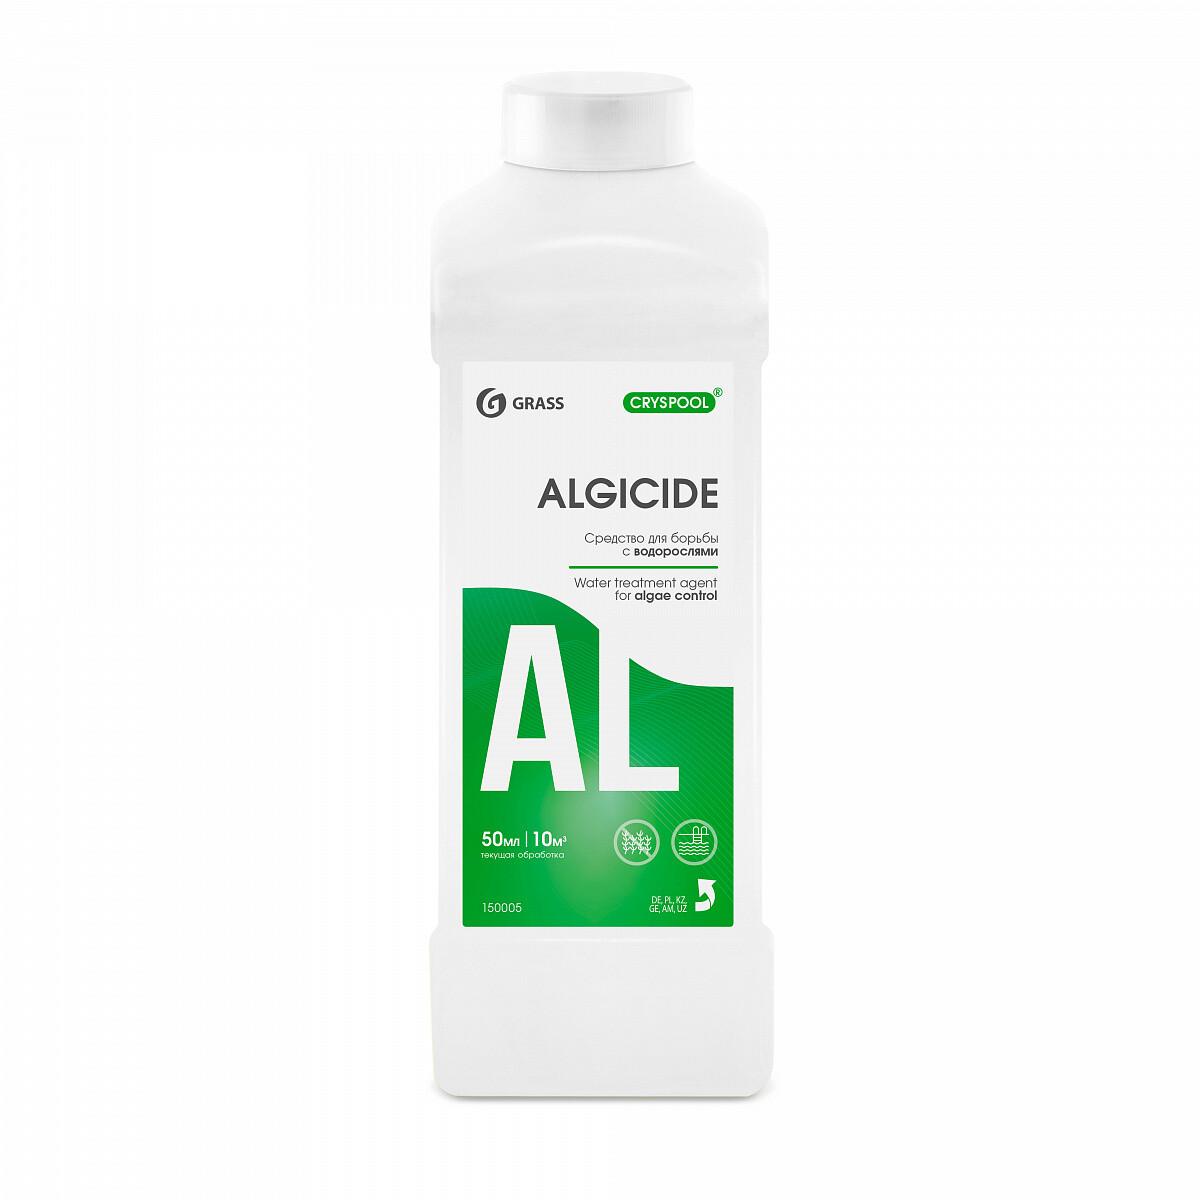 Средство для борьбы с водорослями CRYSPOOL algicide, 1 л